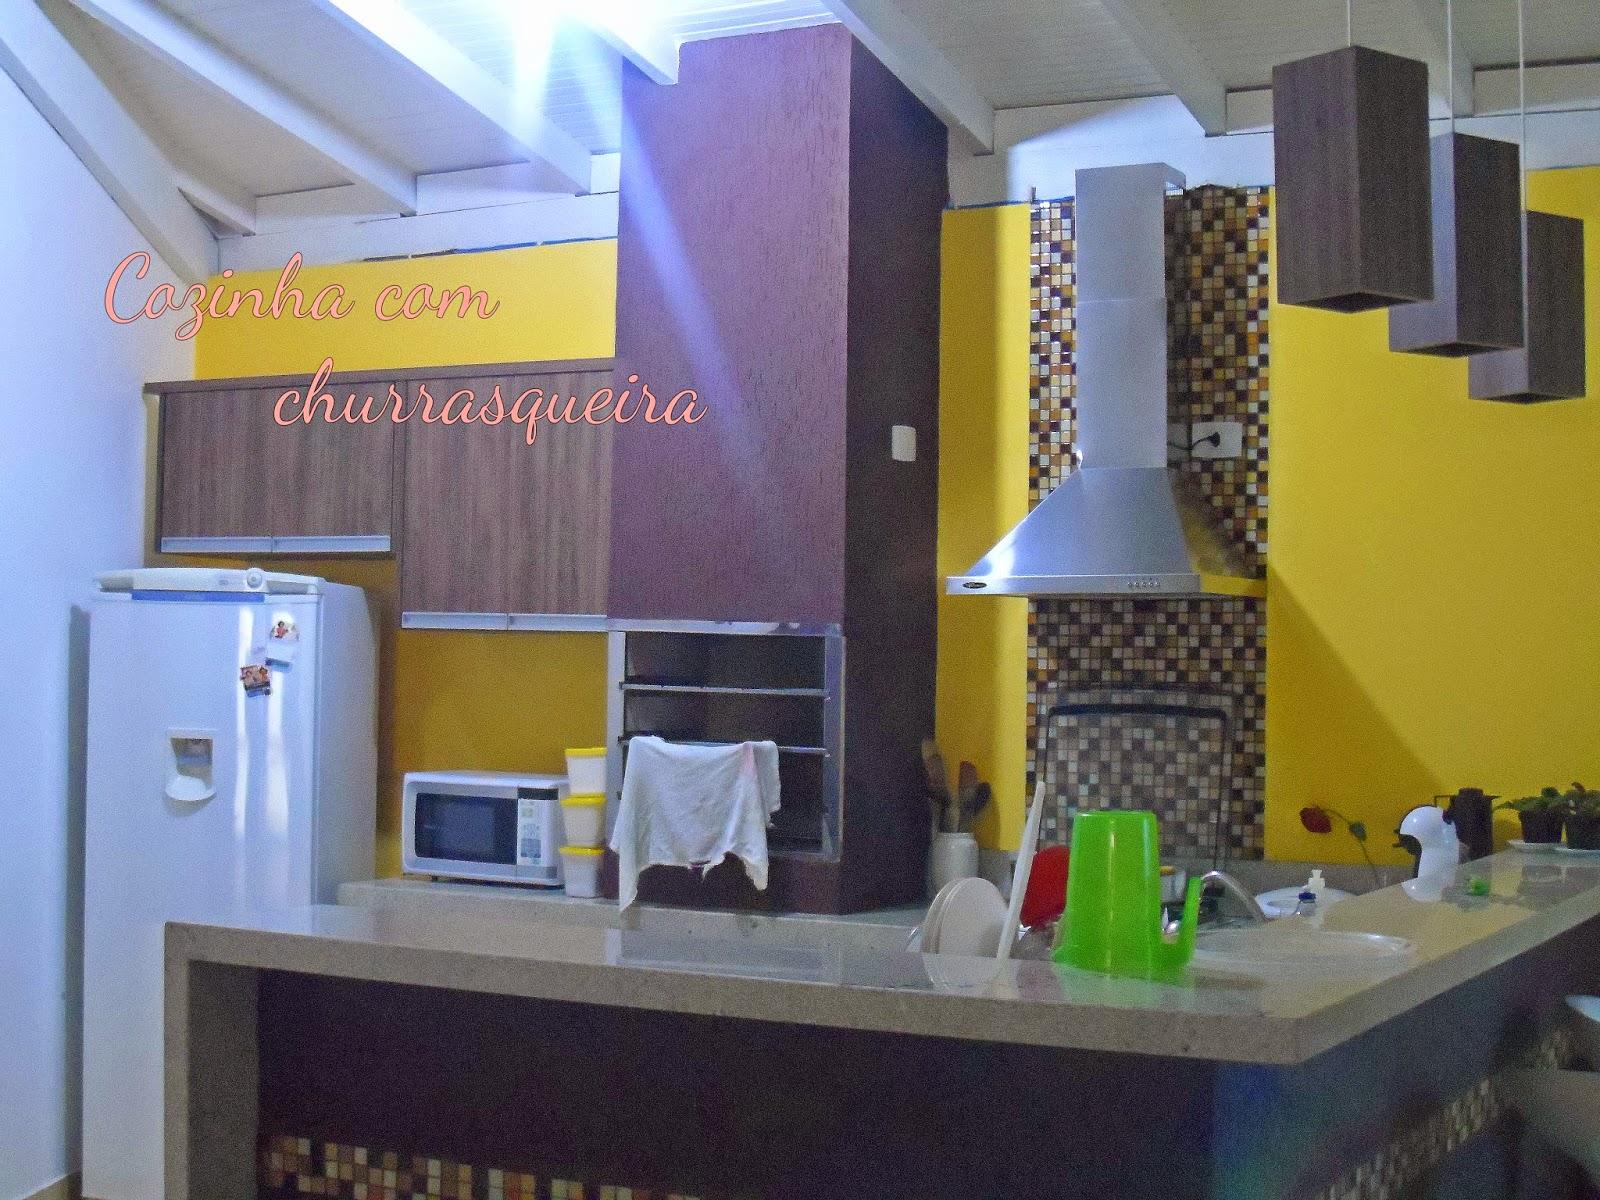 #1F57AC áreas externas podem mudar o visual da sua casa além de fornecerem  1600x1200 px Projeto Cozinha Externa Com Churrasqueira_4203 Imagens